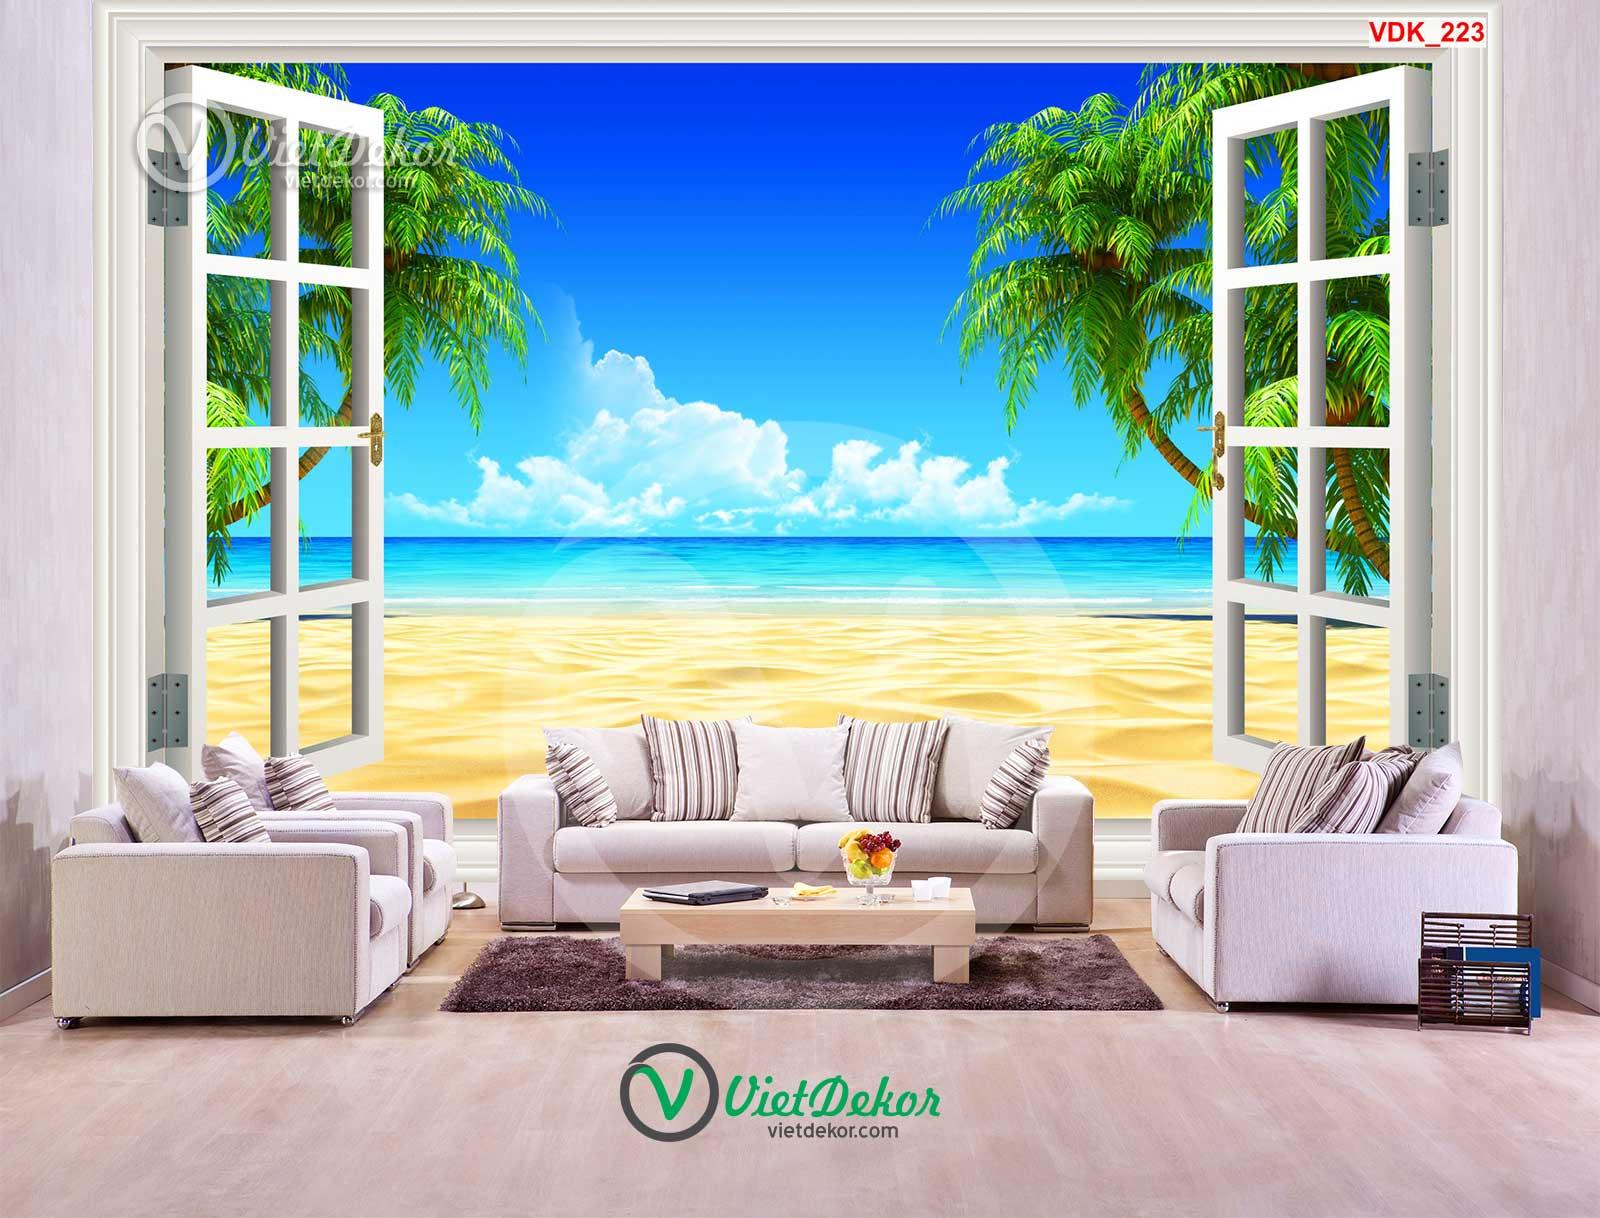 Tranh dán tường 3d phong cảnh biển